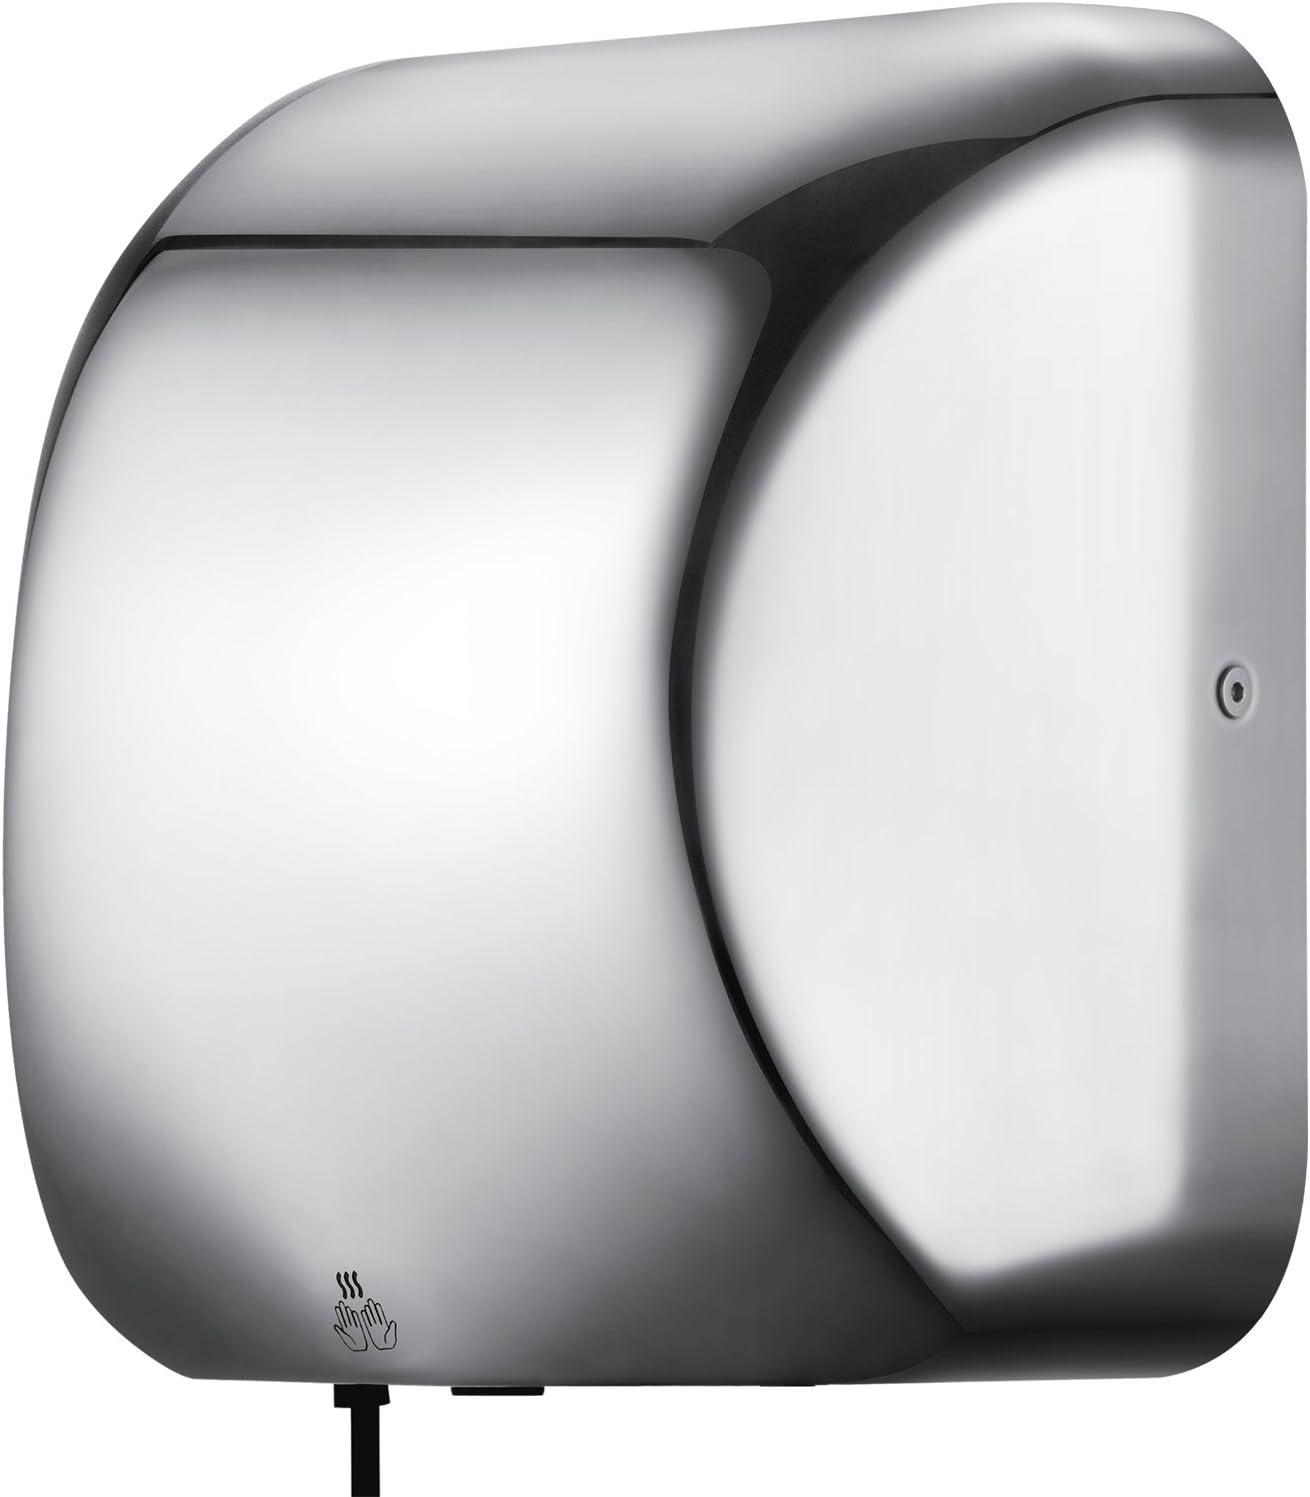 Bild Logo Ambesten 1800W Elektrische H/ändetrockner Automatischer Handtrockner Electric Hand Dryer Elektrische H/ändetrockner Edelstahl Kommerzielle H/ändetrockner f/ür Toiletten Waschr/äume Hohen Verkehr